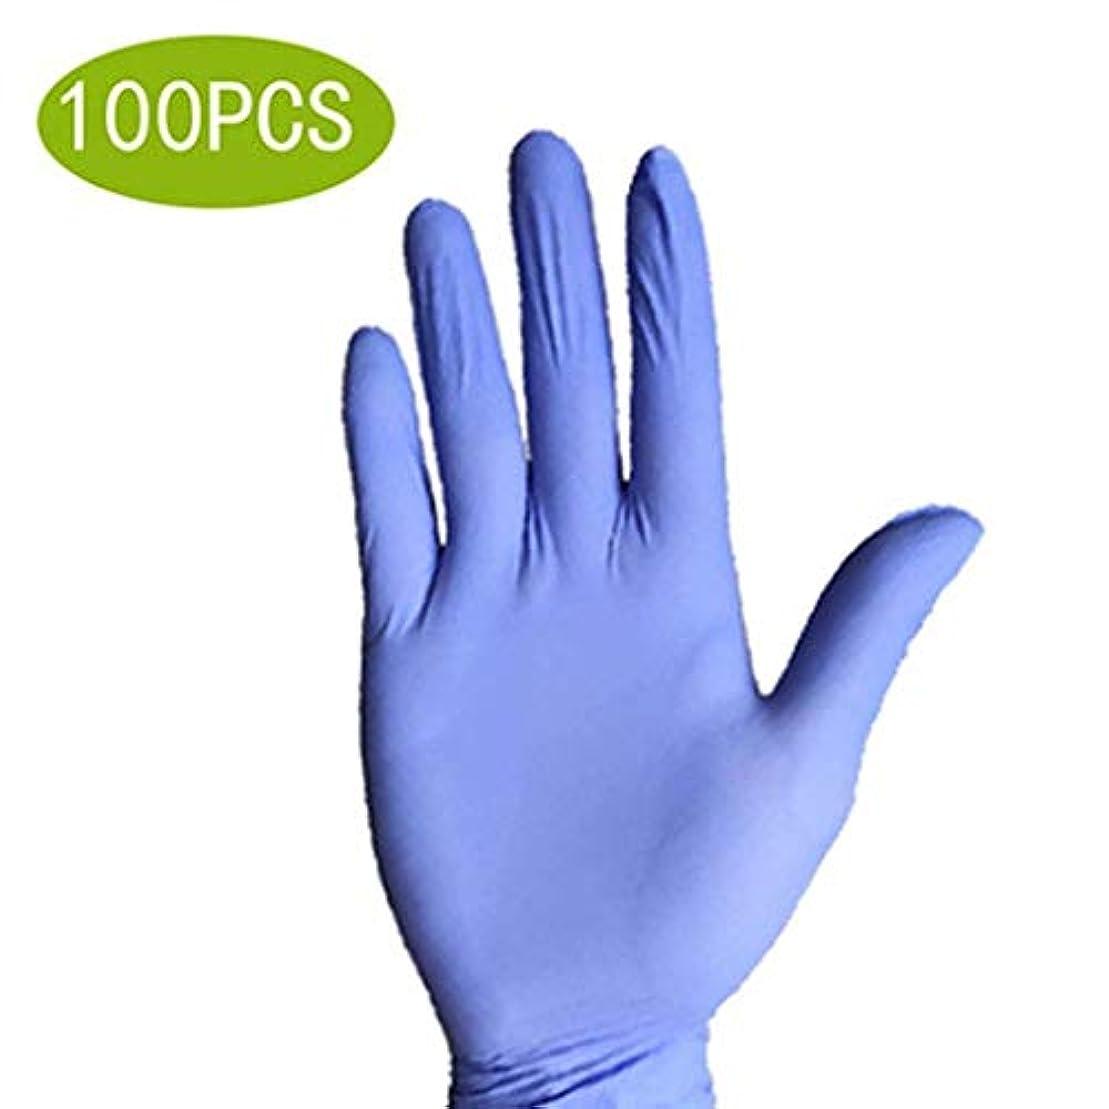 あたり足推測保護用使い捨てニトリル医療用手袋、ラテックスフリー、試験グレードの手袋、テクスチャード加工、両性、非滅菌、100個入り (Size : M)